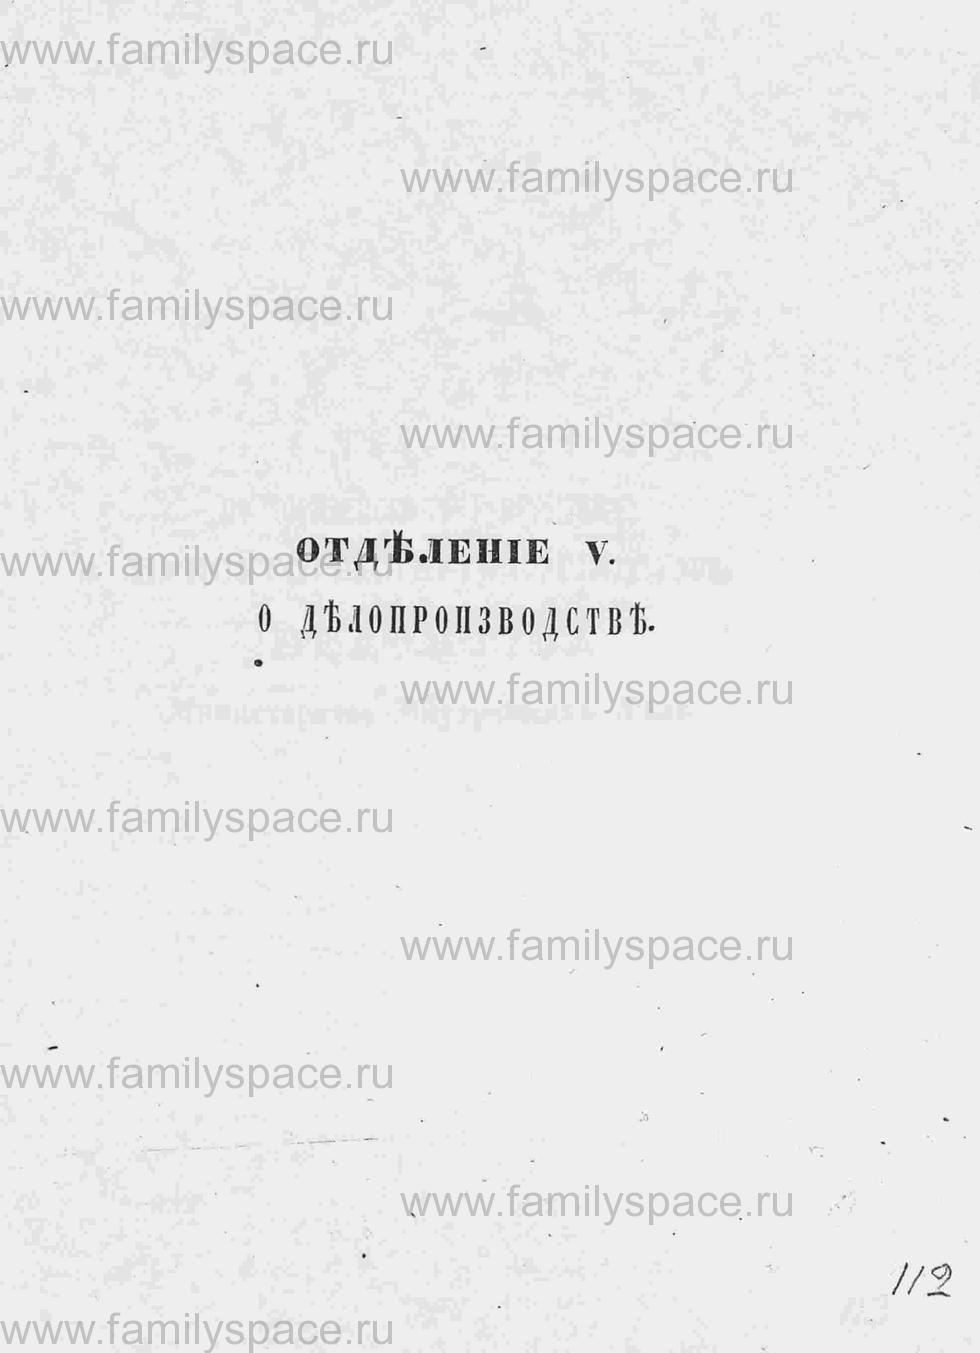 Поиск по фамилии - Памятная книга за 1853 год по Могилёвской губернии, страница 133